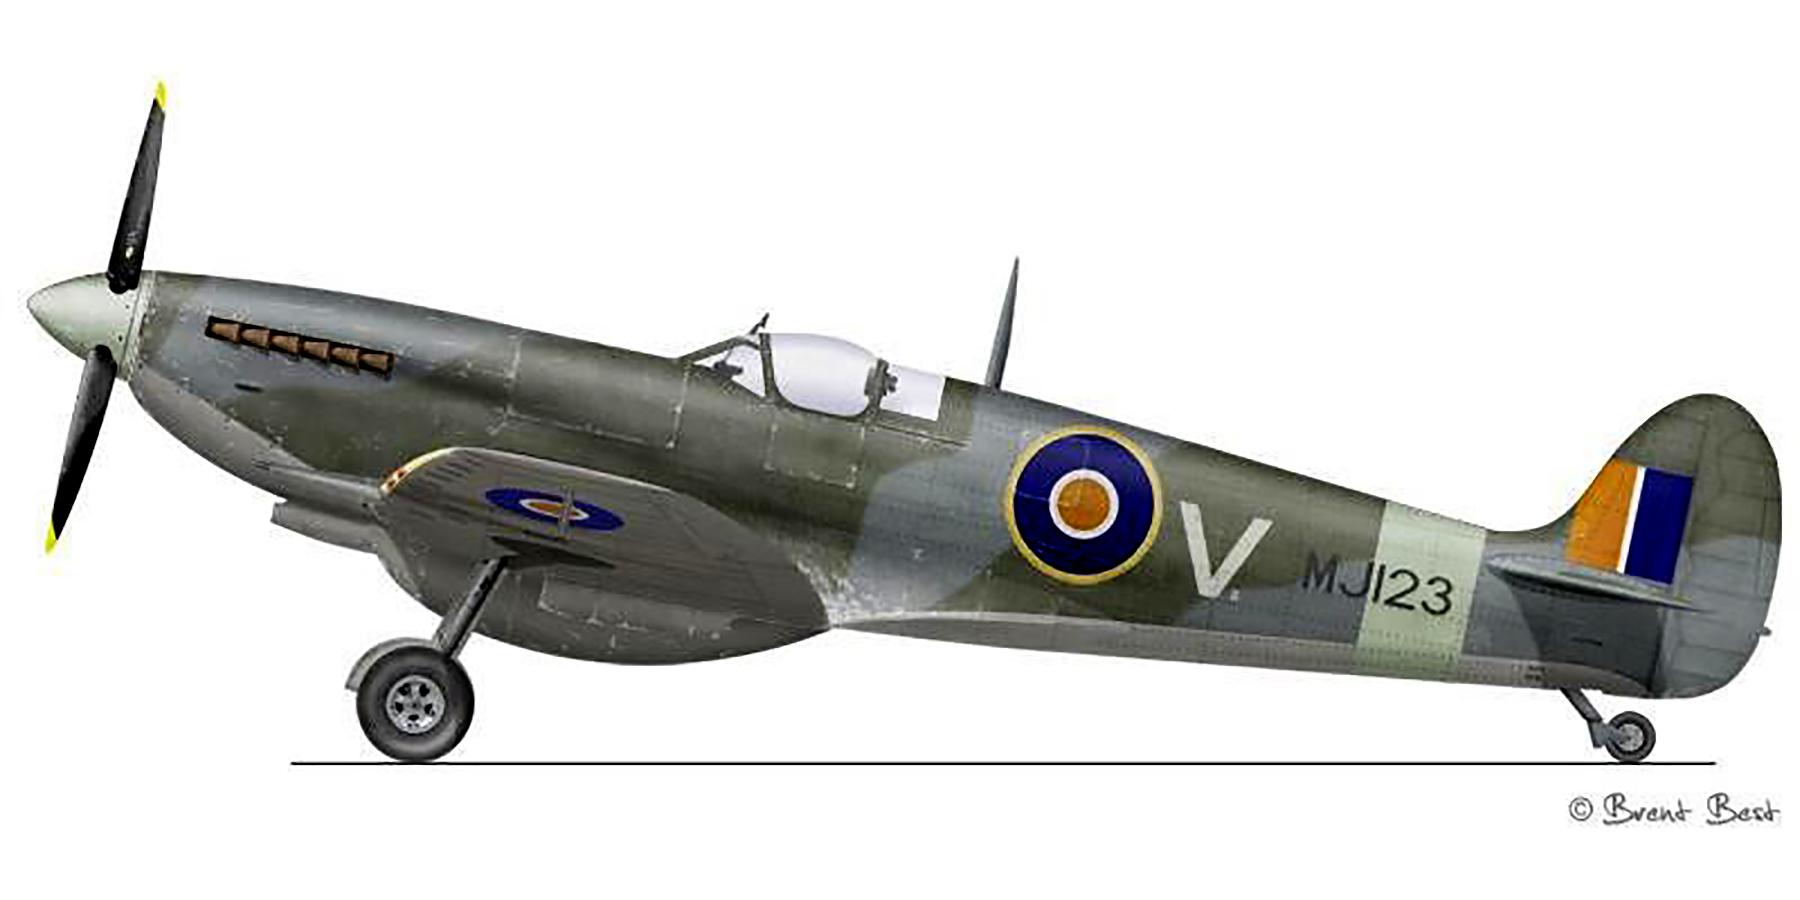 Spitfire LFIX SAAF 7Sqn V MJ123 Trigno Italy 1944 0A